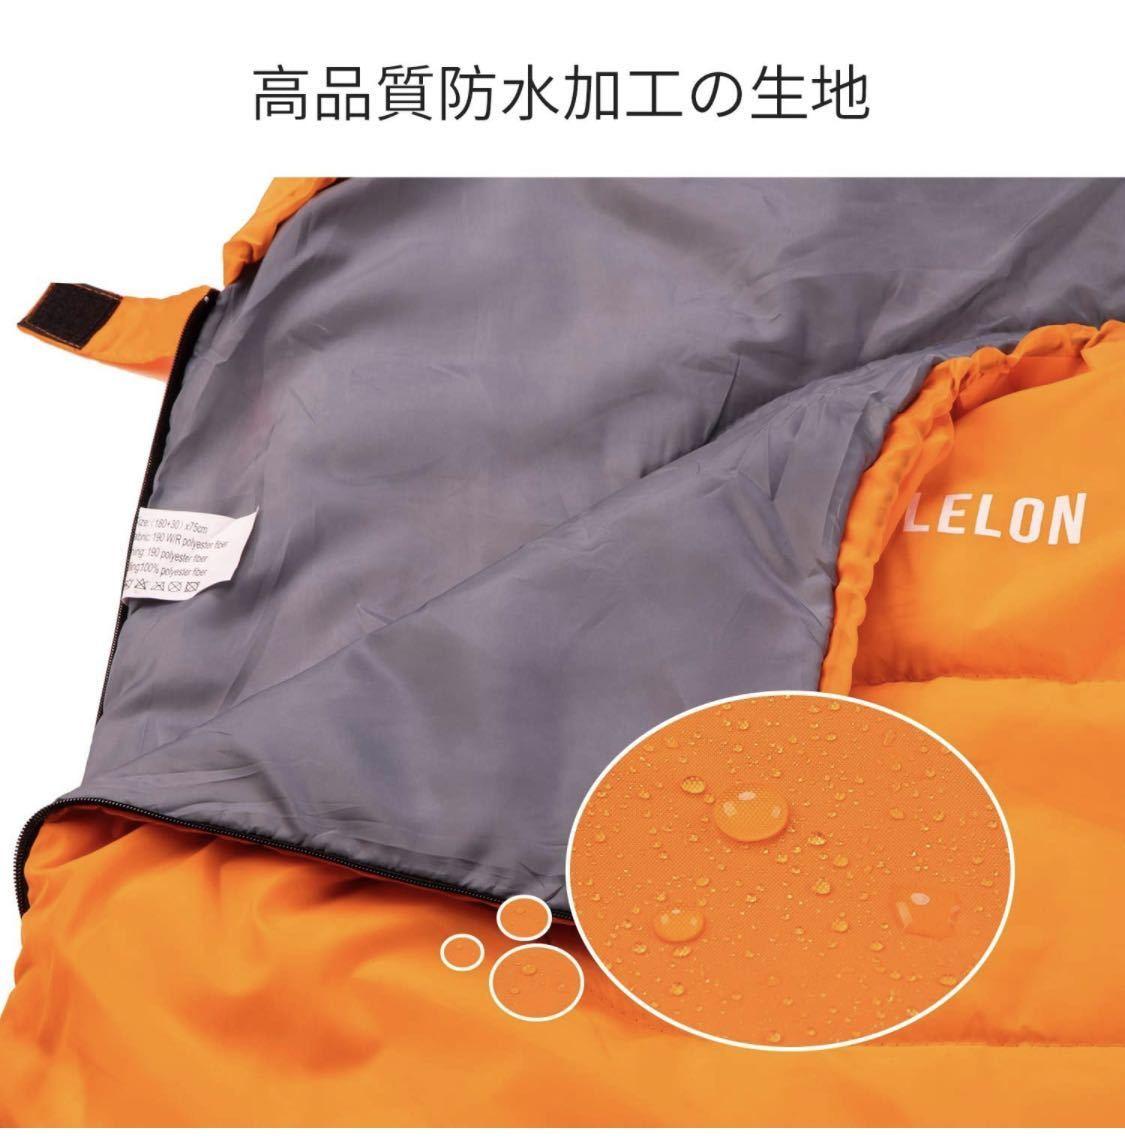 【封筒型 軽量 シュラフ】防水 コンパクト キャンプ 丸洗い可能 約1100g